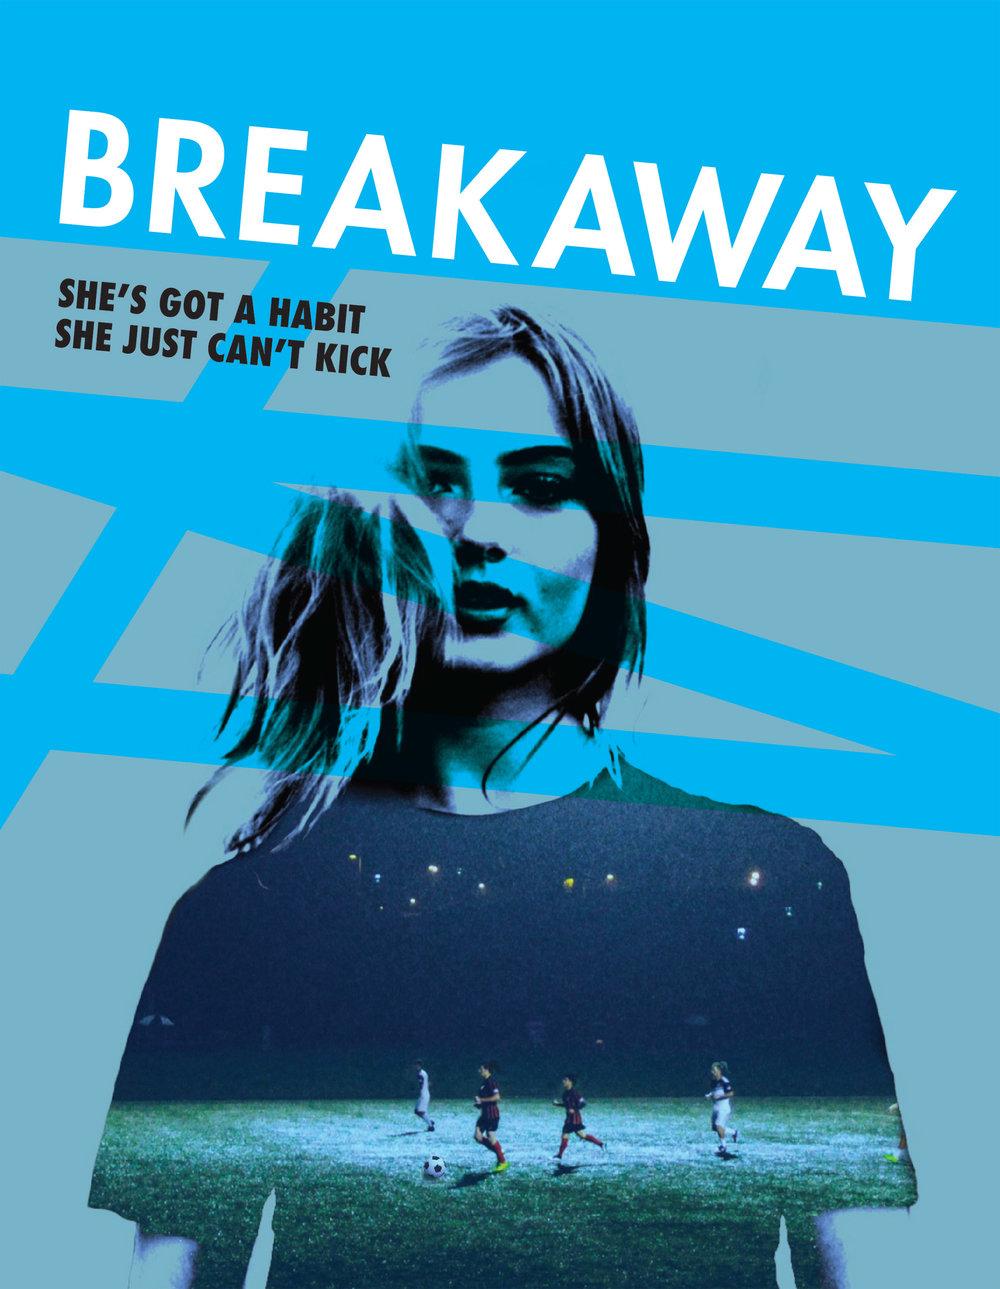 Breakaway_CoverOnly_website.jpg